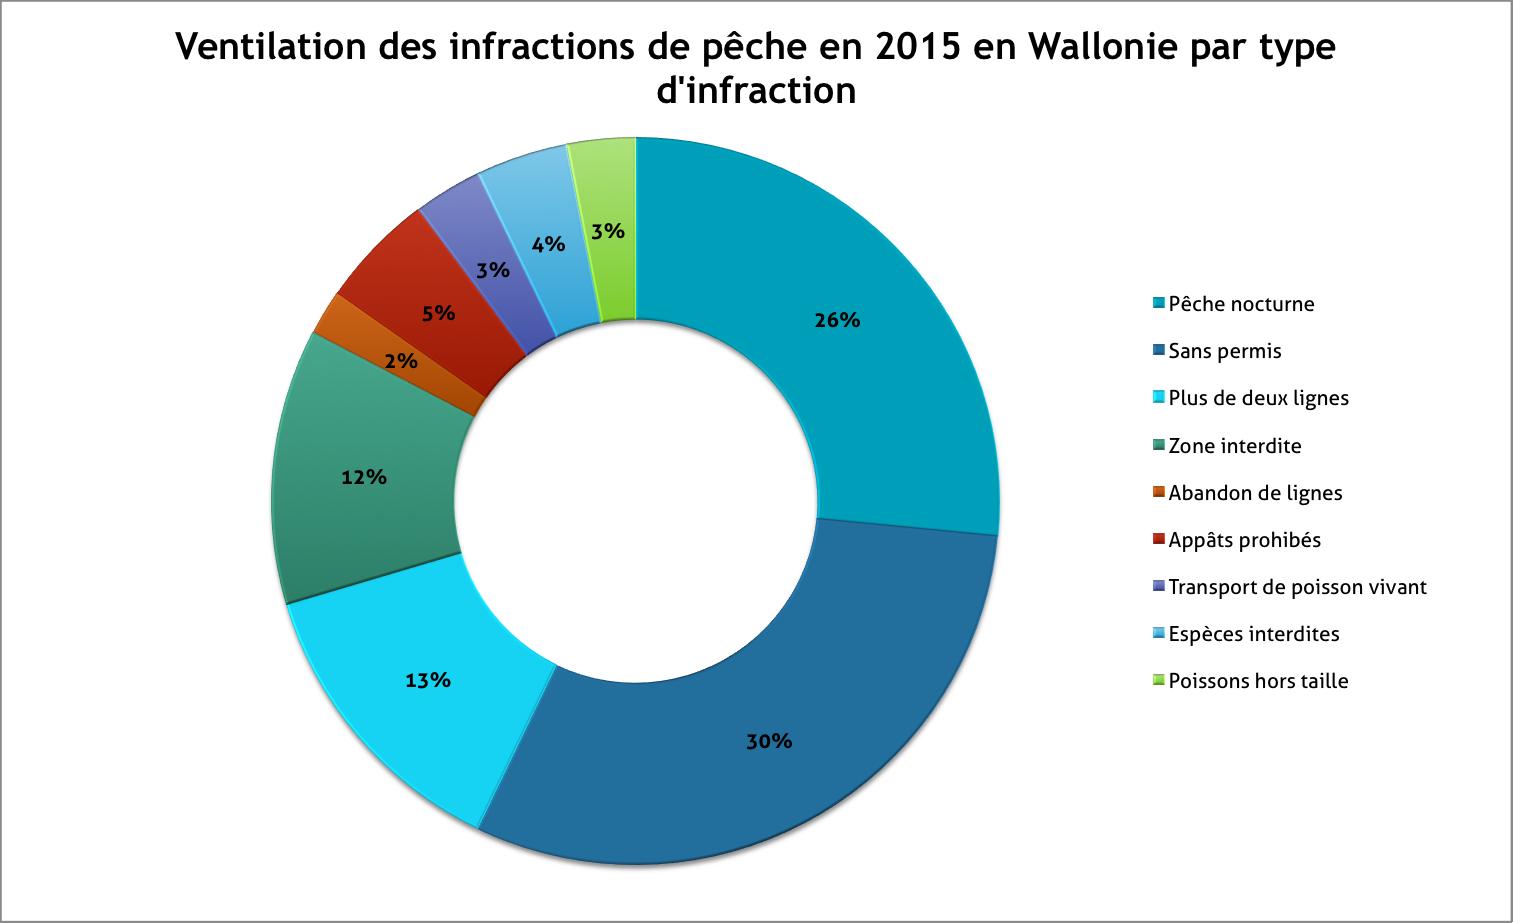 Ventilation des infractions de pêche en 2015 par type d'infraction